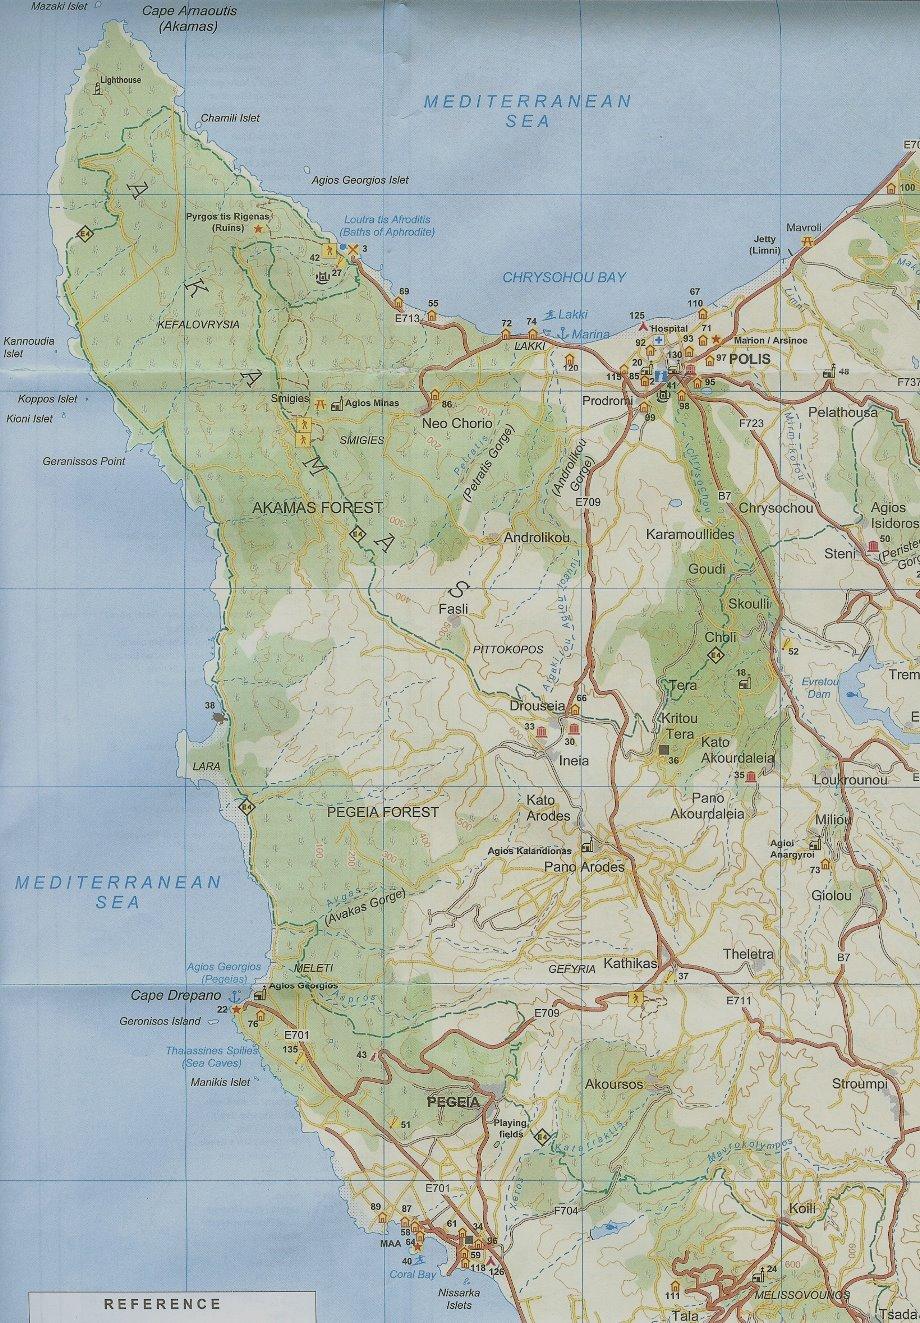 Avakas and Akamas area